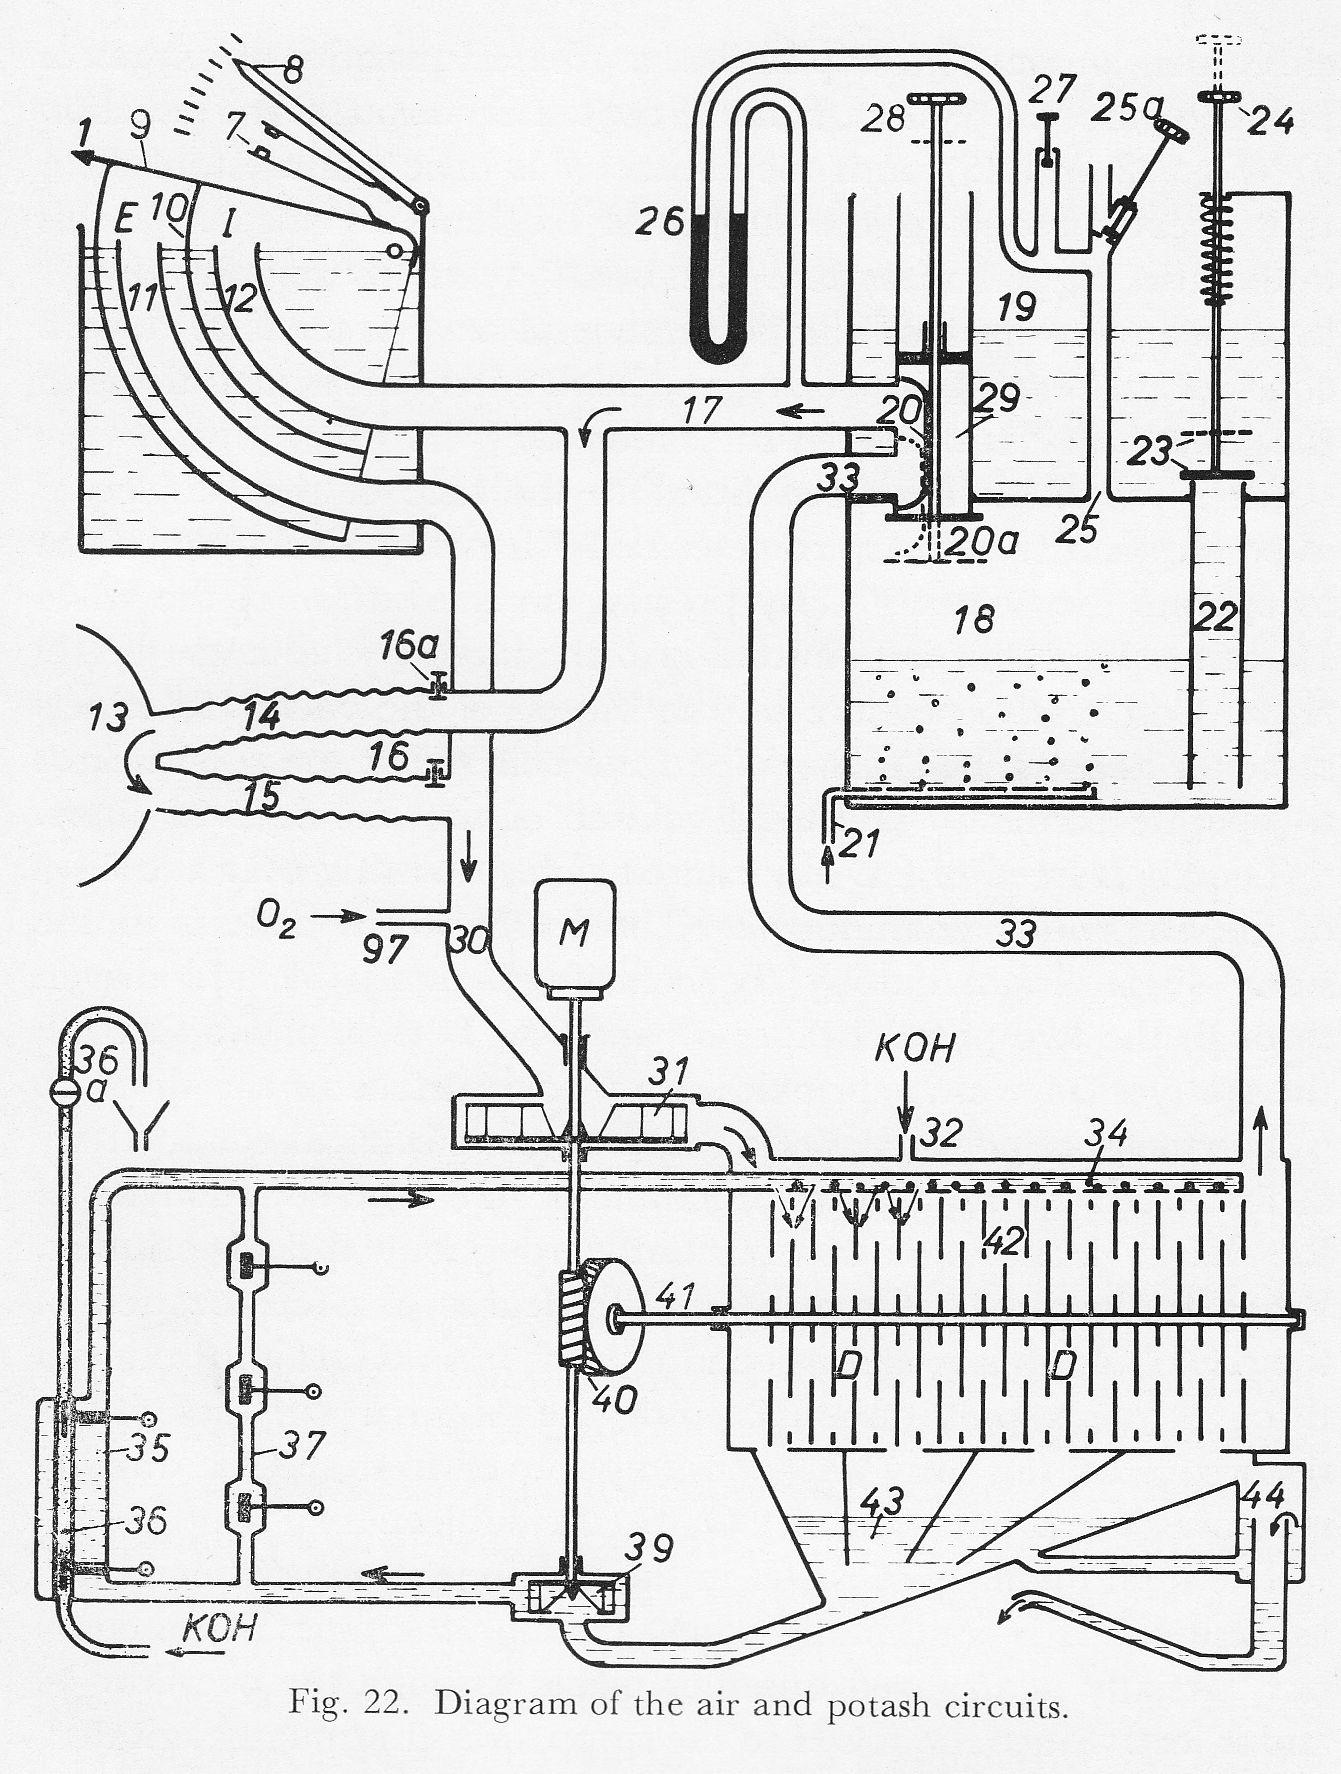 Fleisch Metabograph Schematic